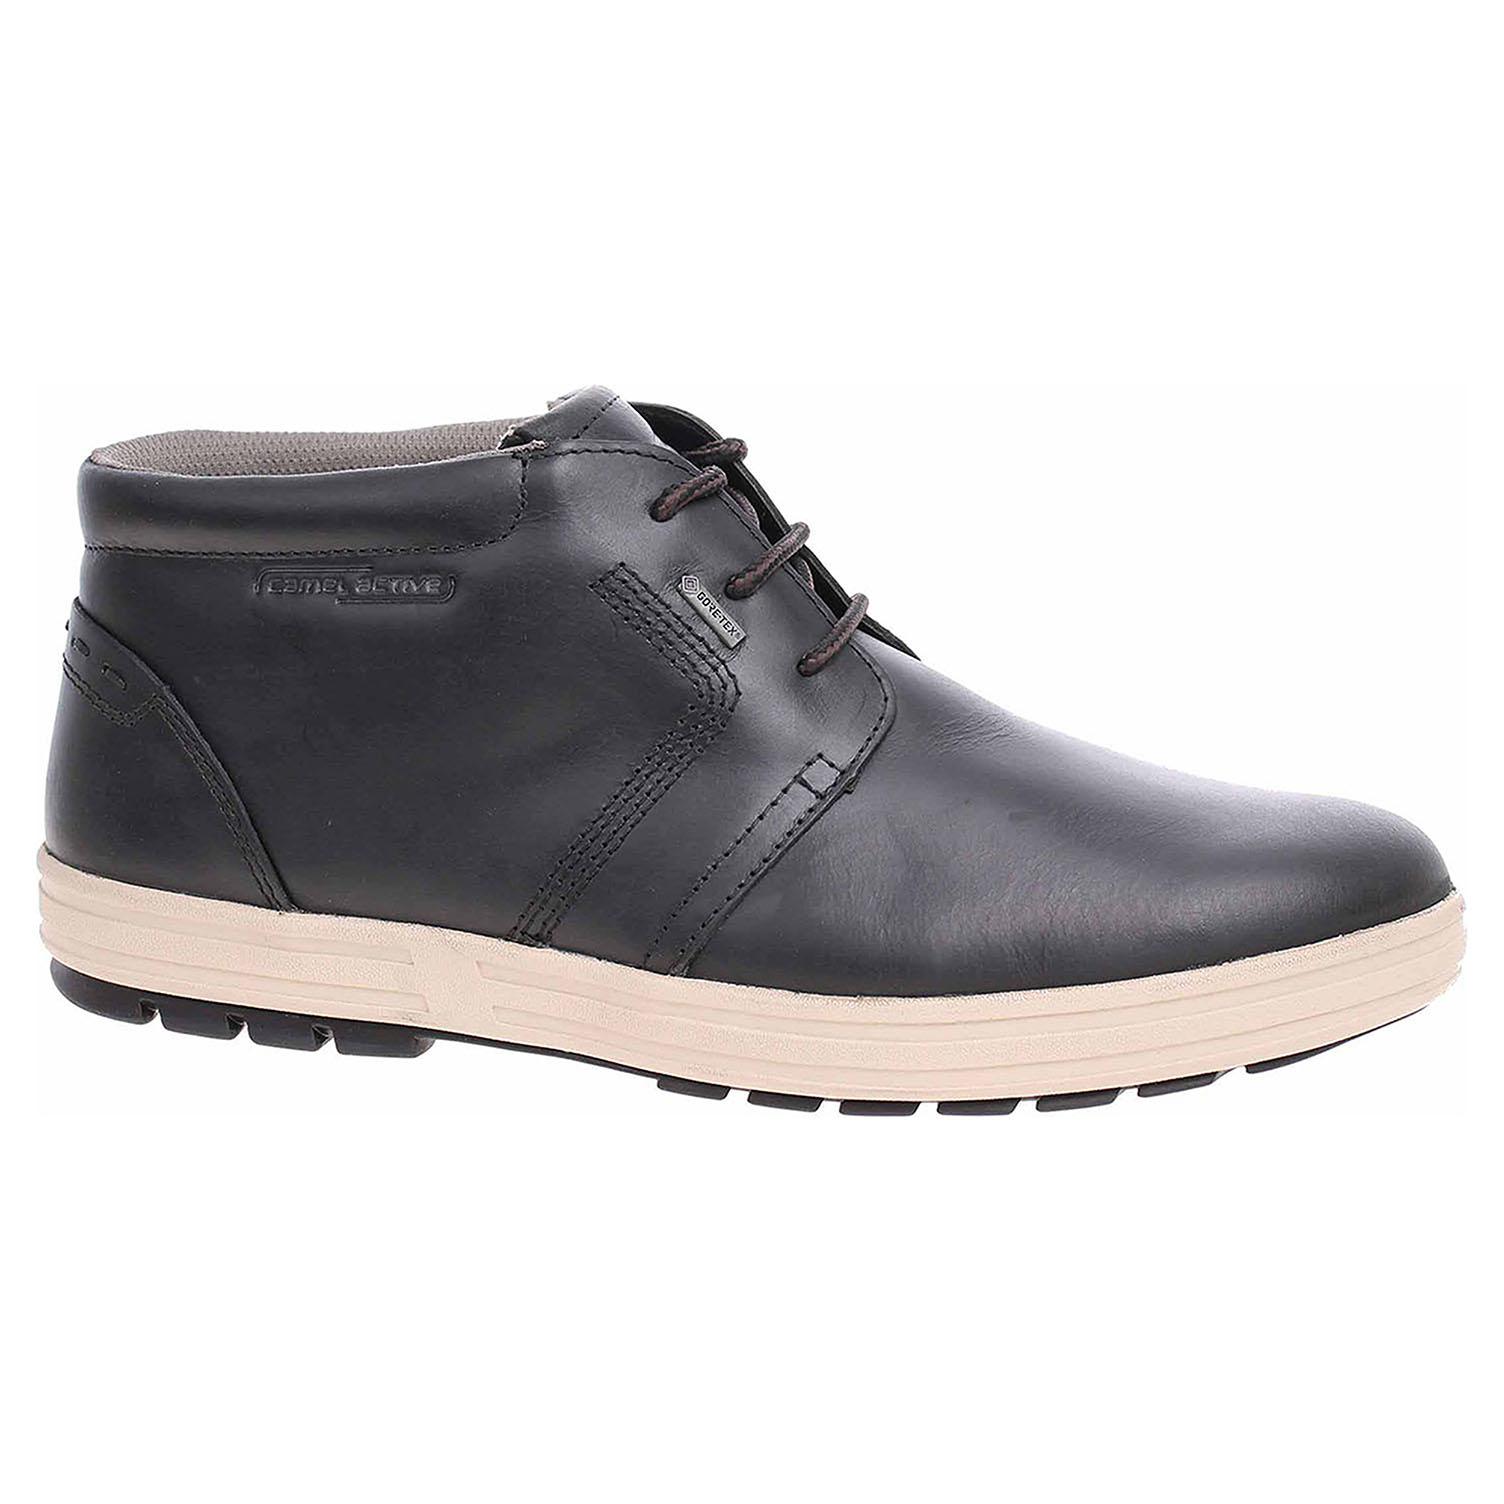 Pánská kotníková obuv Camel Active 395.44.11 black 395.44.11 42,5